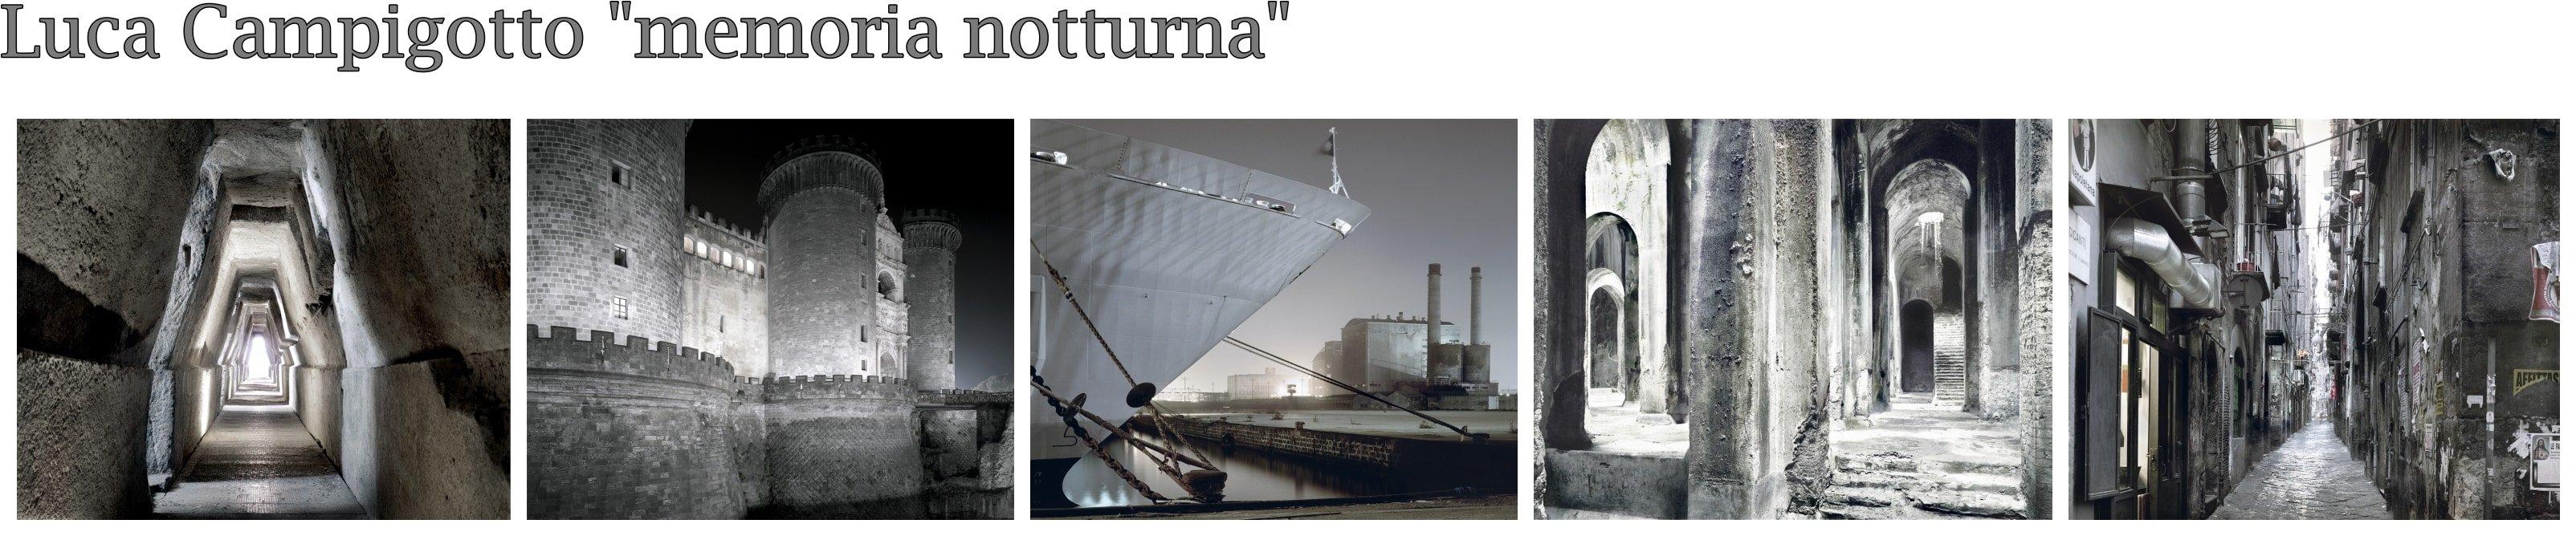 Scatti di Luca Campigotto in Mostra Obiettivo Napoli